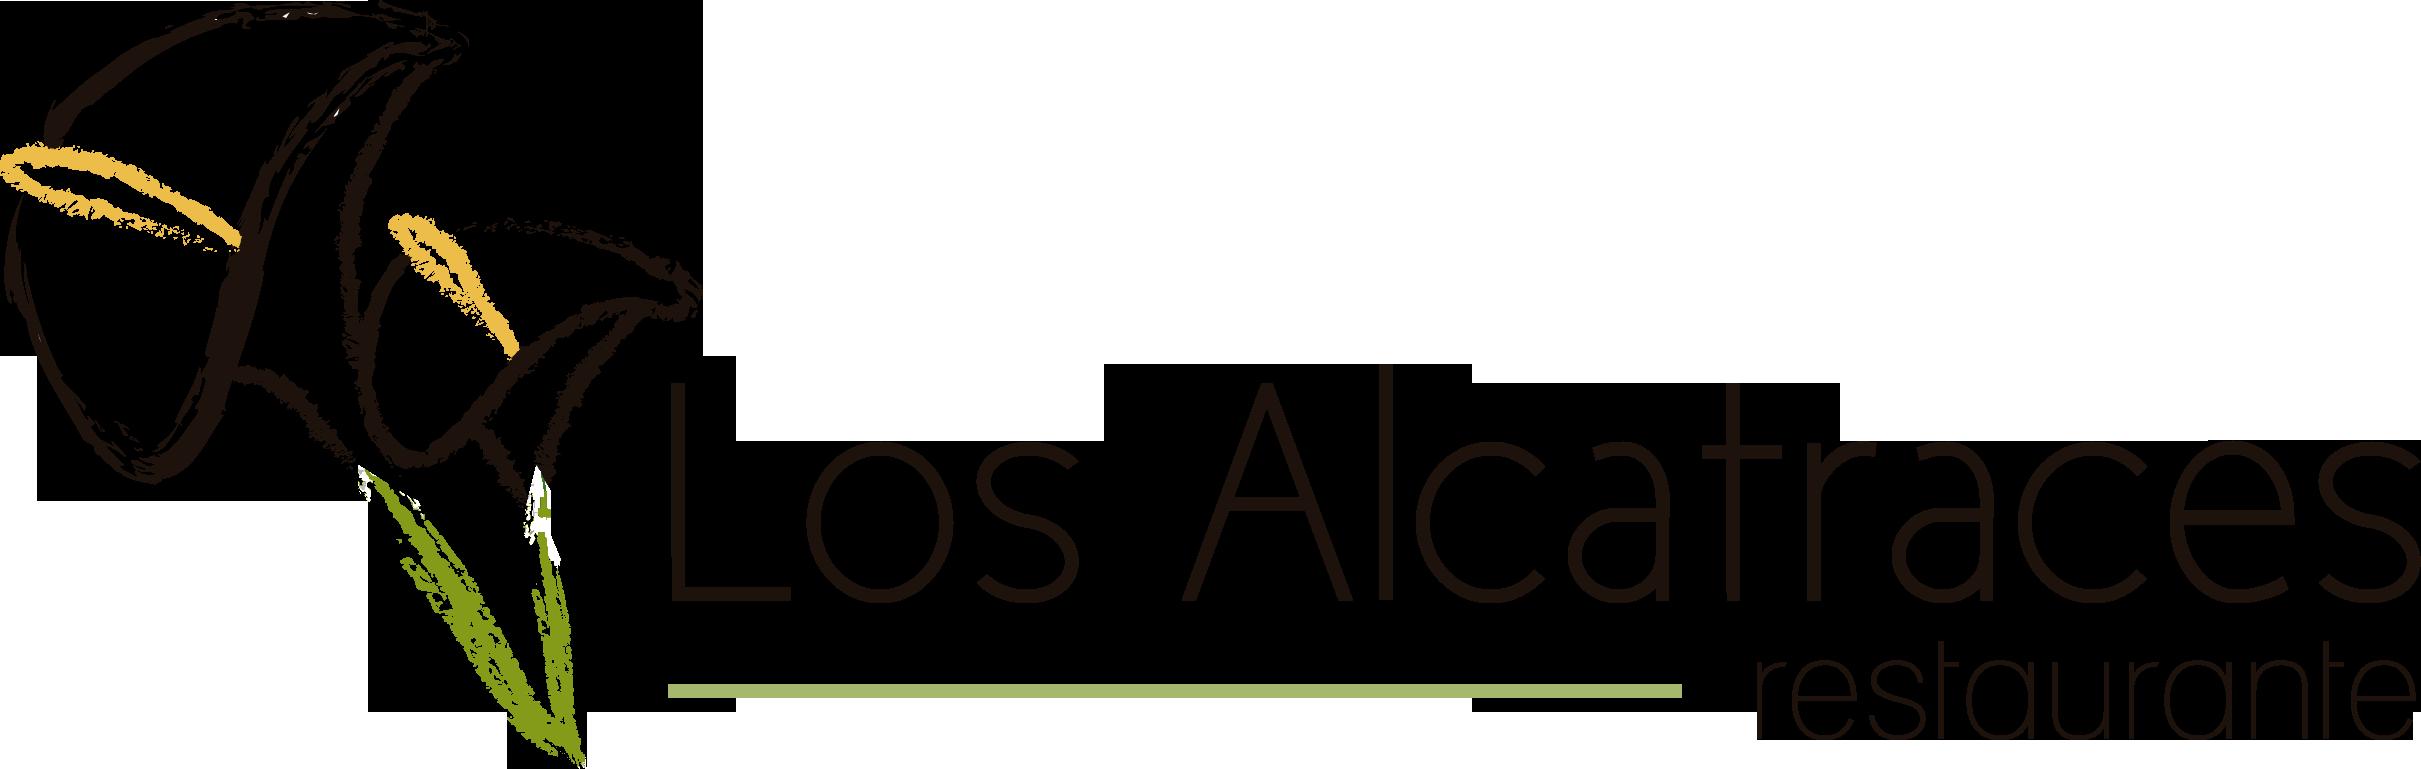 Restaurante en cuernavaca-los alcatraces